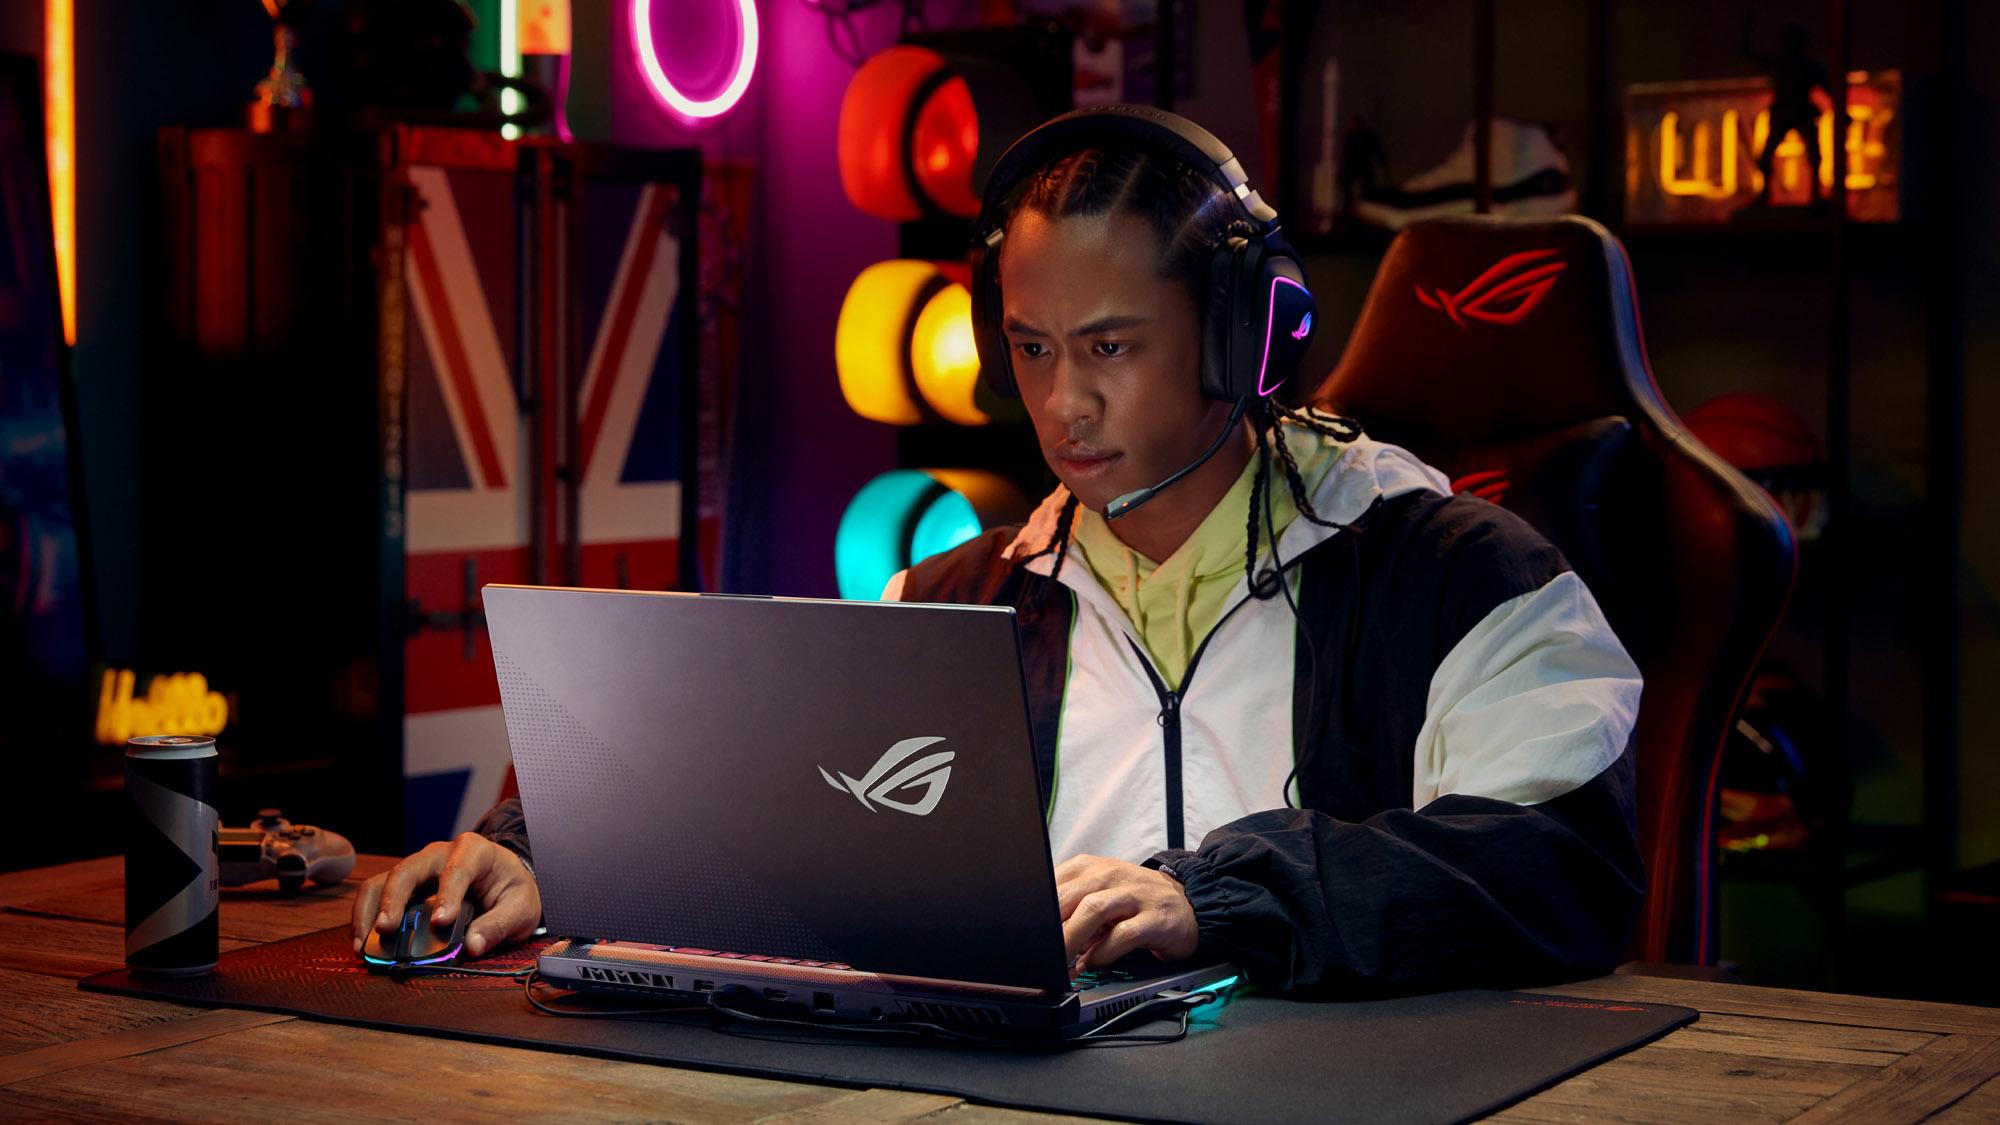 aura-laptop